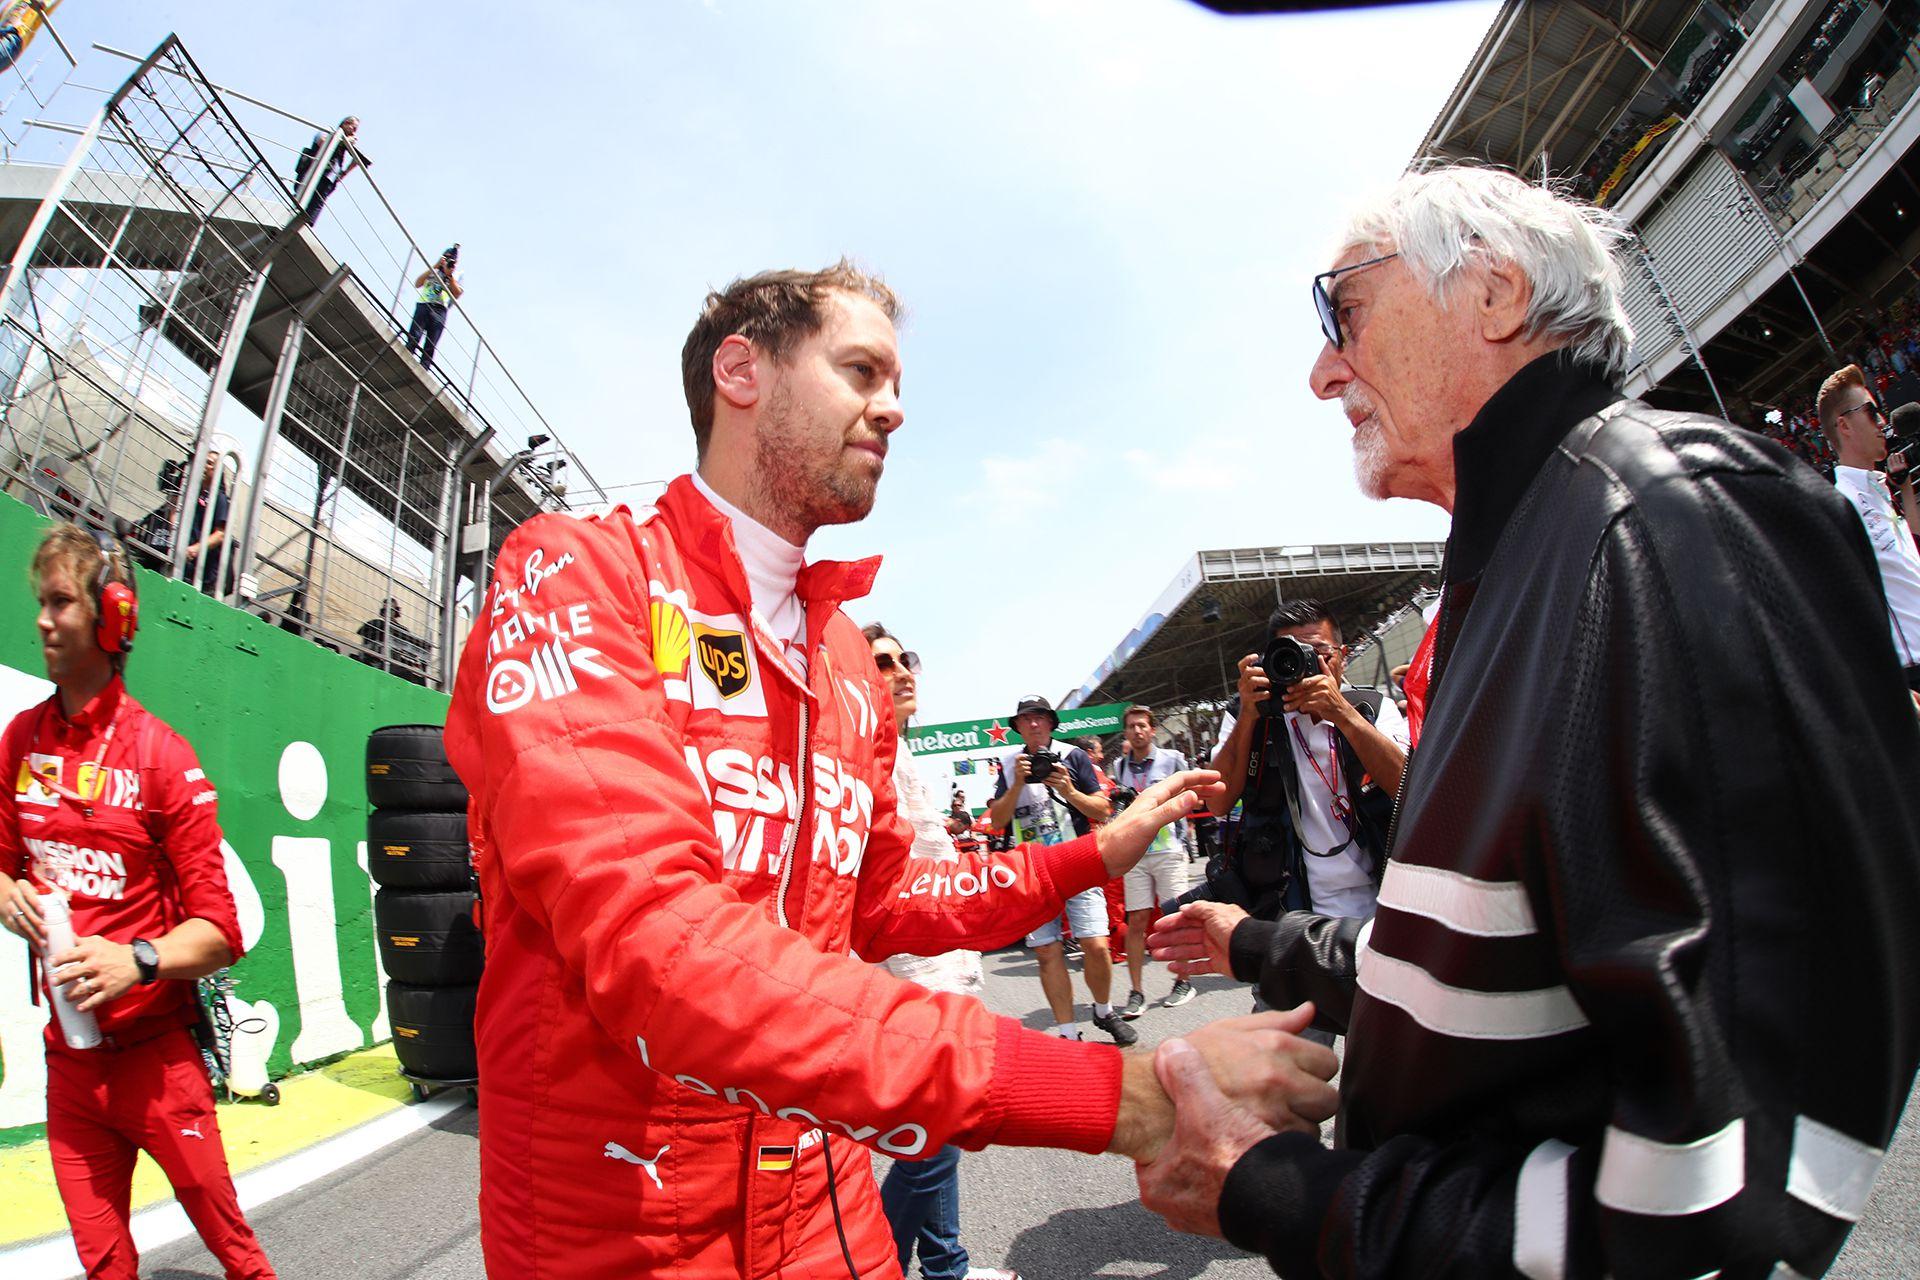 Bernie Ecclestone hablando en la grilla de partida de Interlagos con Sebastian Vettel, a quien apoya a pesar de su mal presente (GP Brasil / Beto Issa photos).